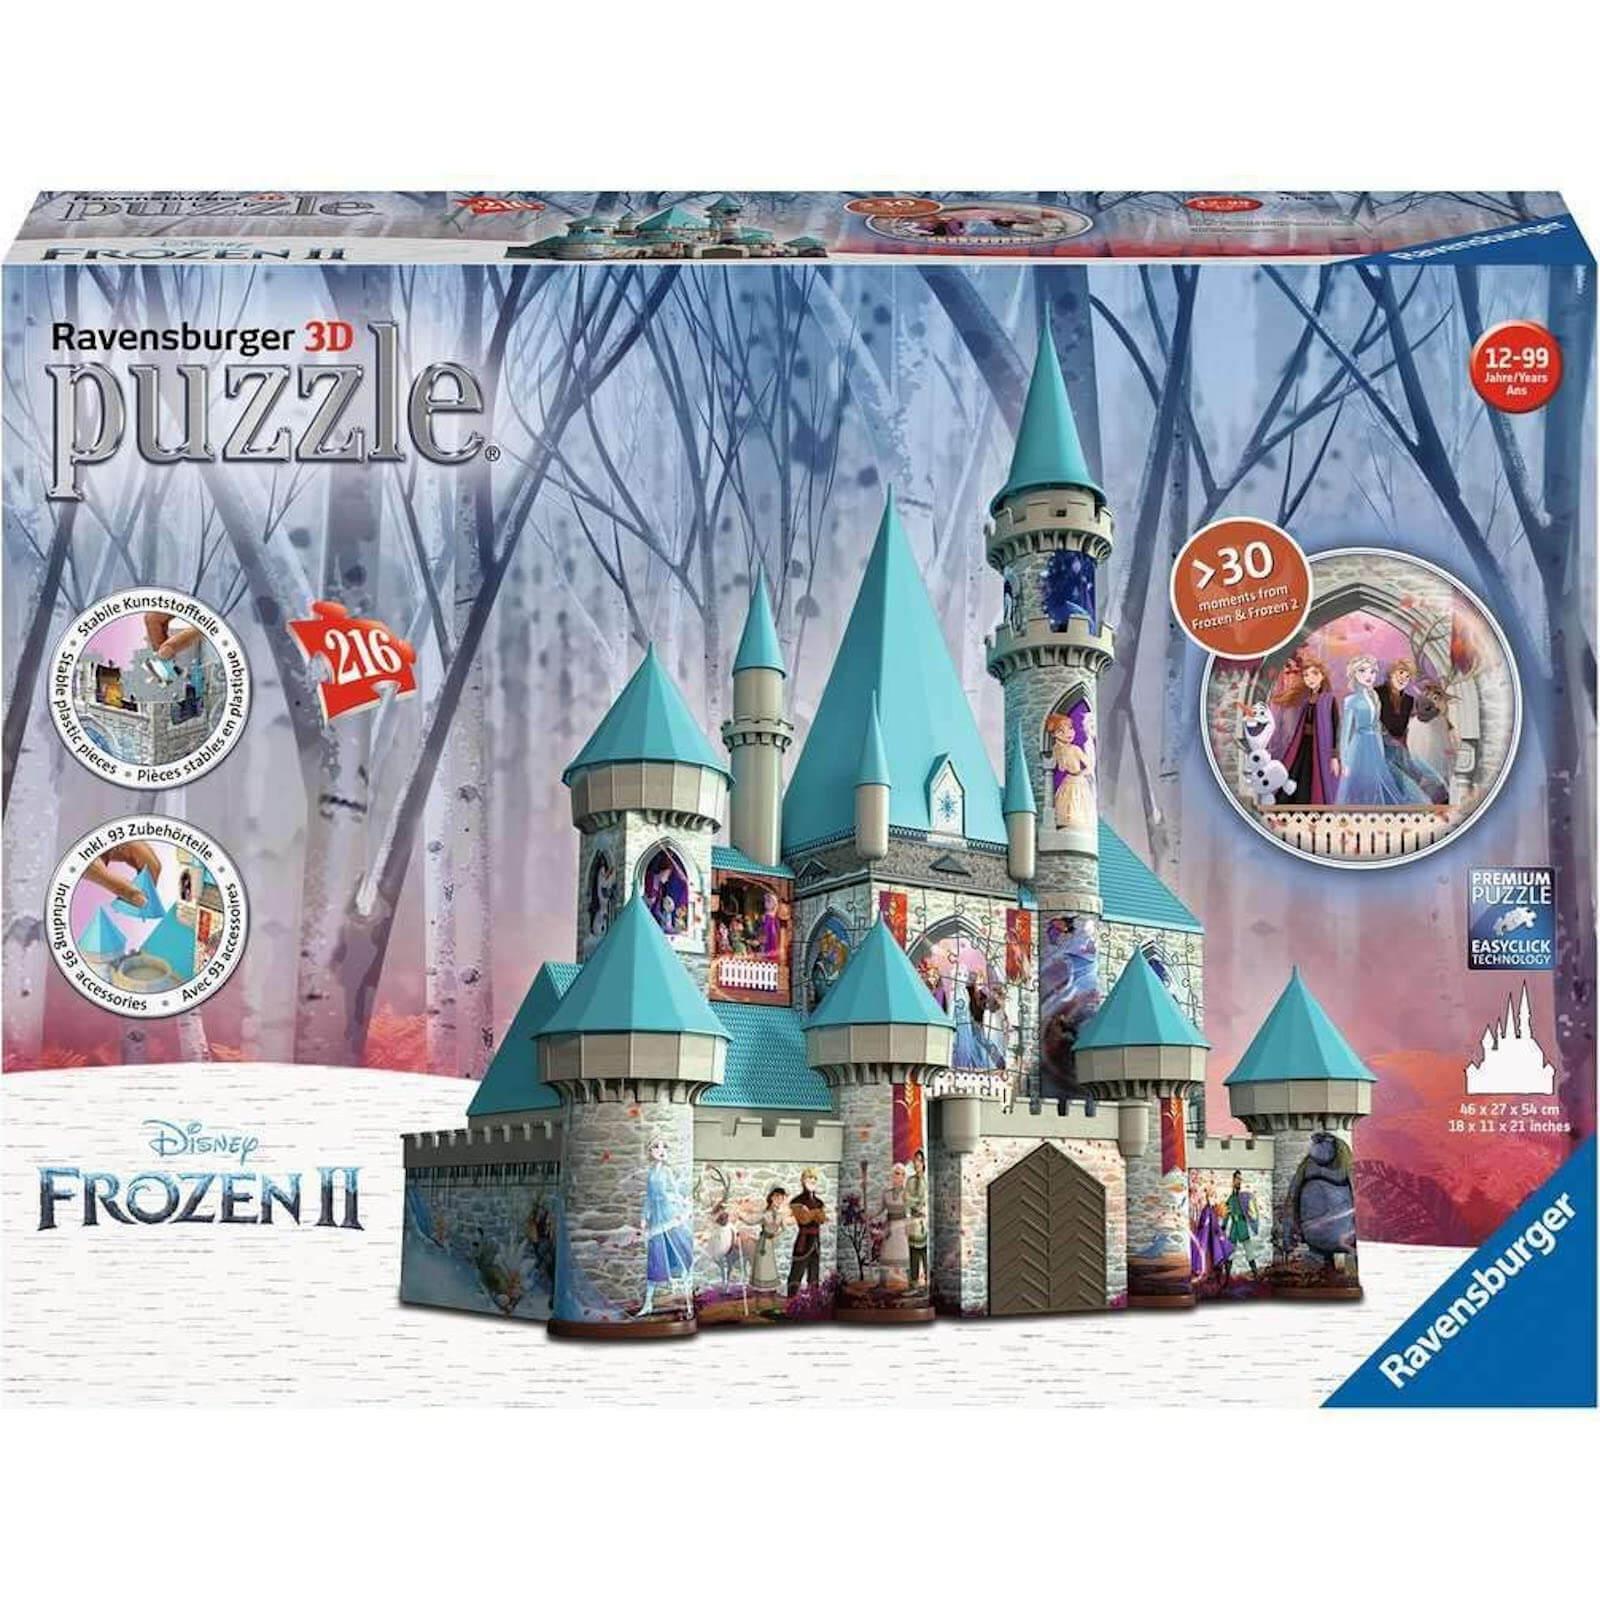 Image of Ravensburger Frozen 2 Castle 3D Jigsaw Puzzle (216 Pieces)